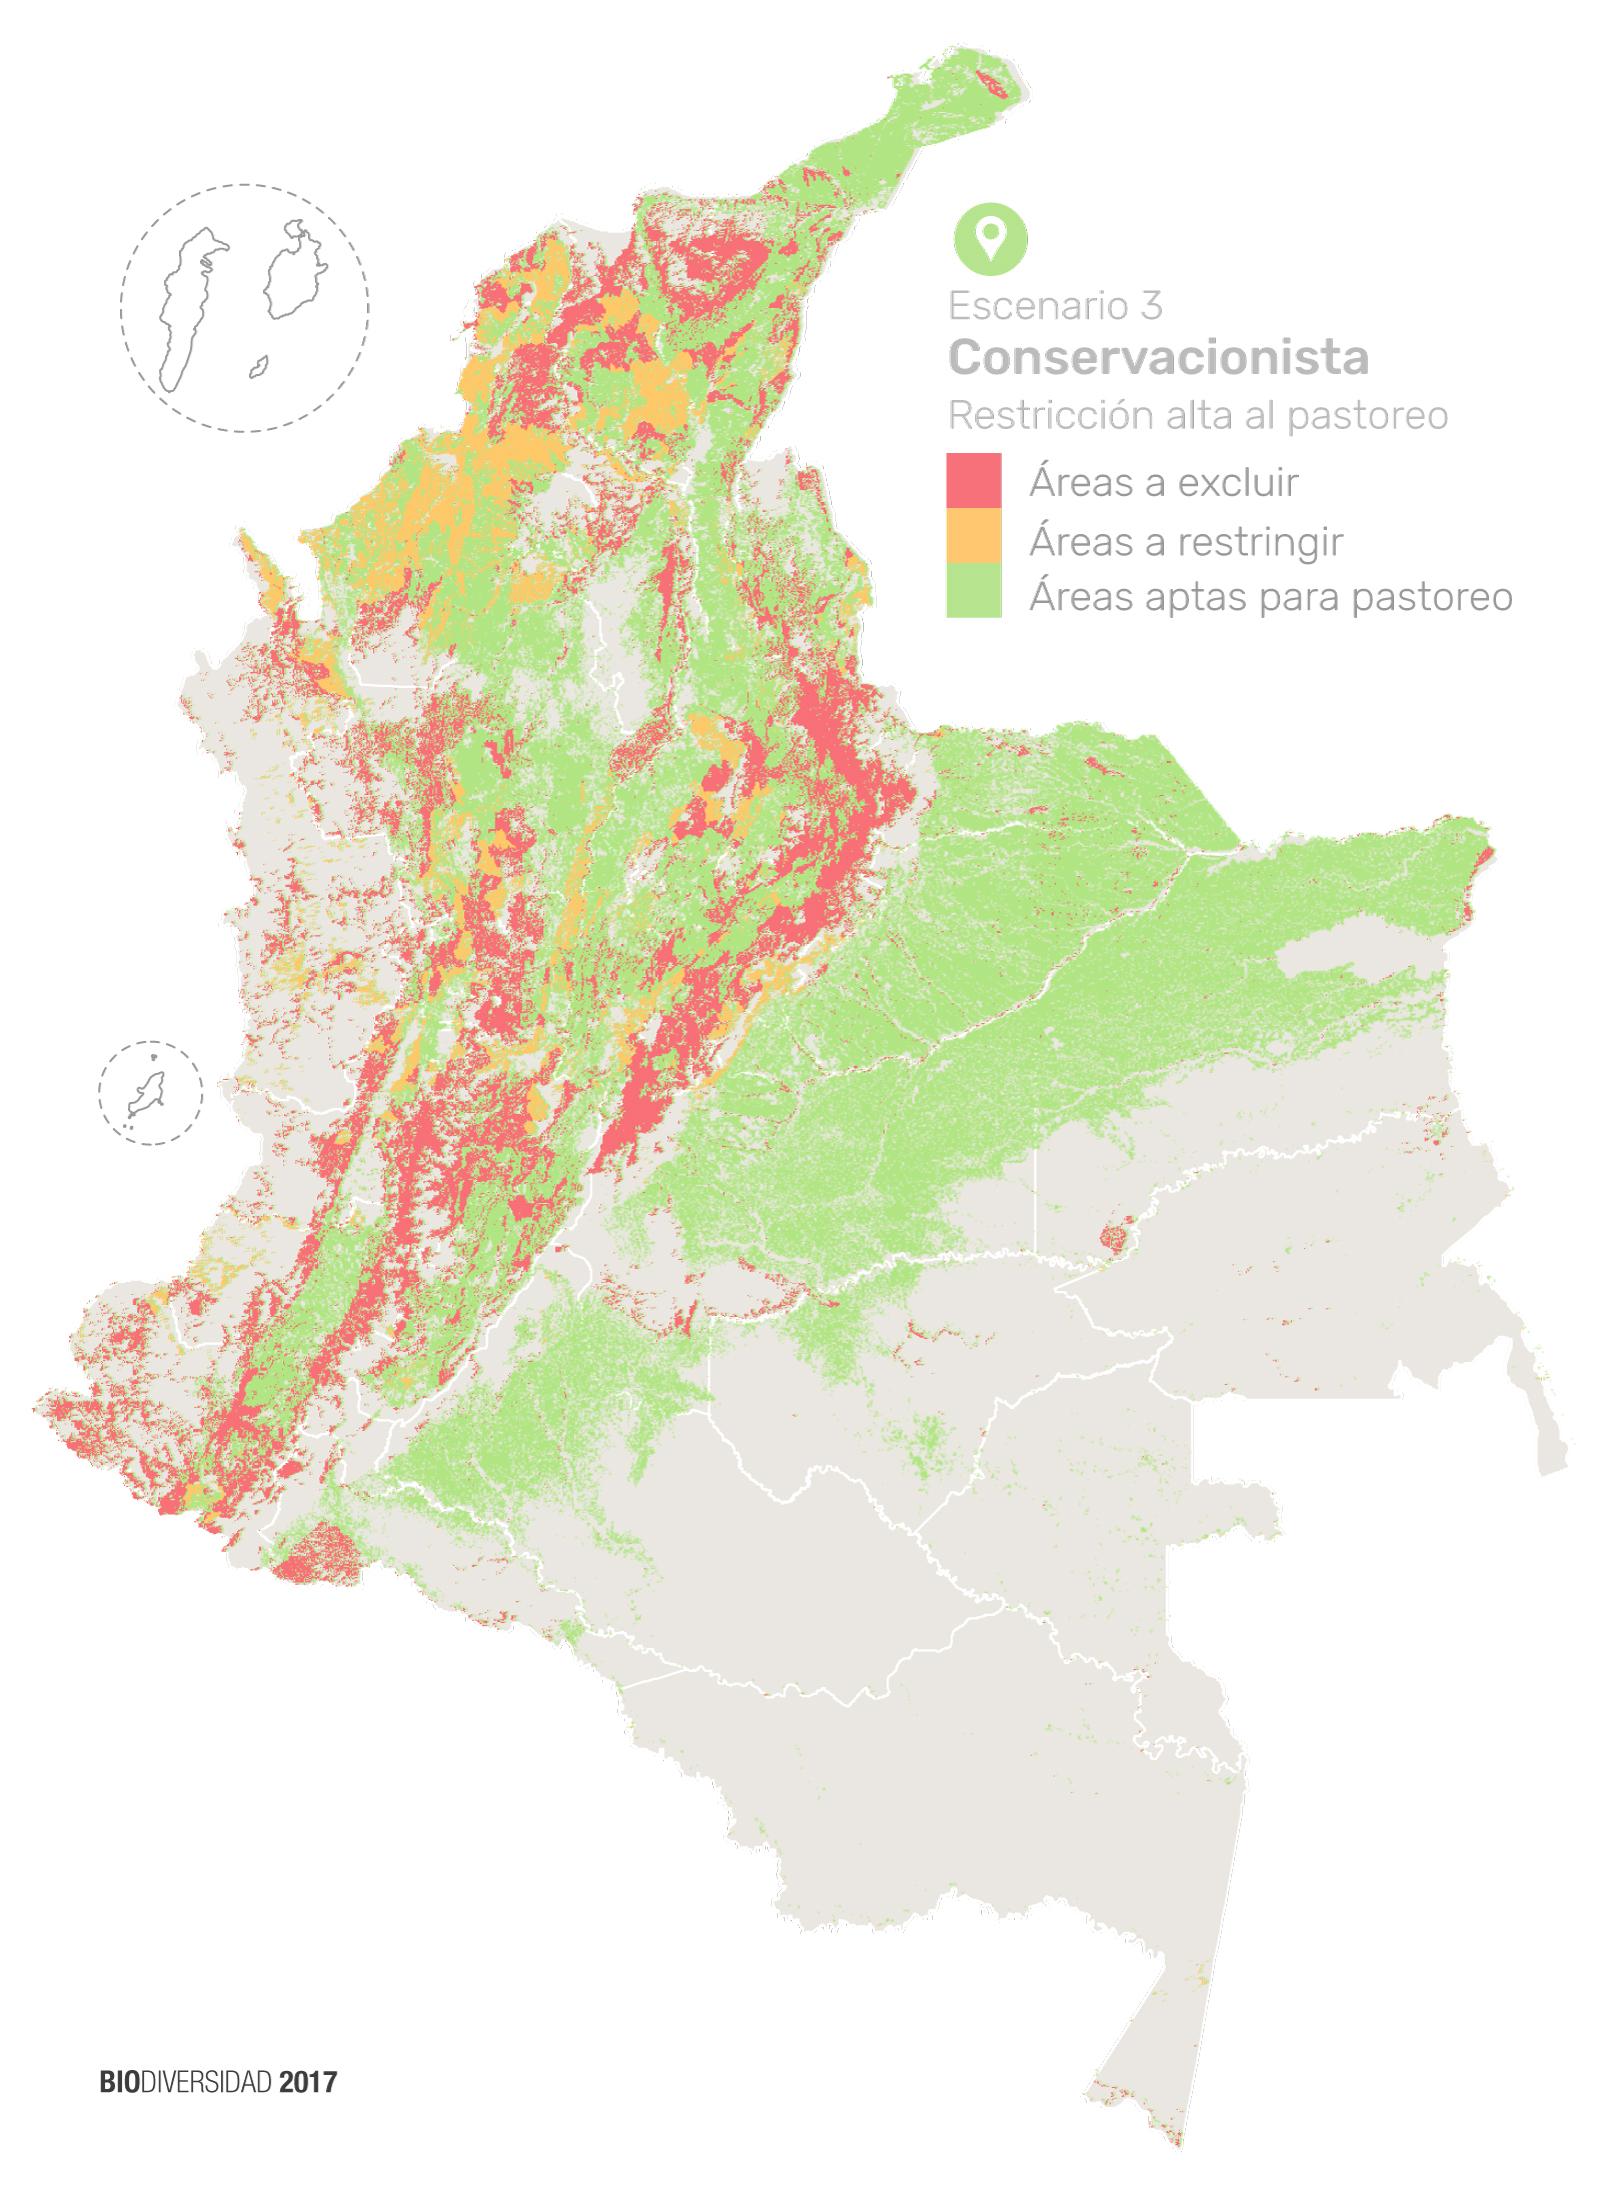 La investigación de Andrés Zuluaga muestra en verde las áreas aptas para pastoreo, en amarillo las zonas que deben tener restricciones y en rojo las zonas donde la ganadería debe ser excluida. Ilustración: Instituto Humboldt con datos de Etter, A. y Zuluaga, A.